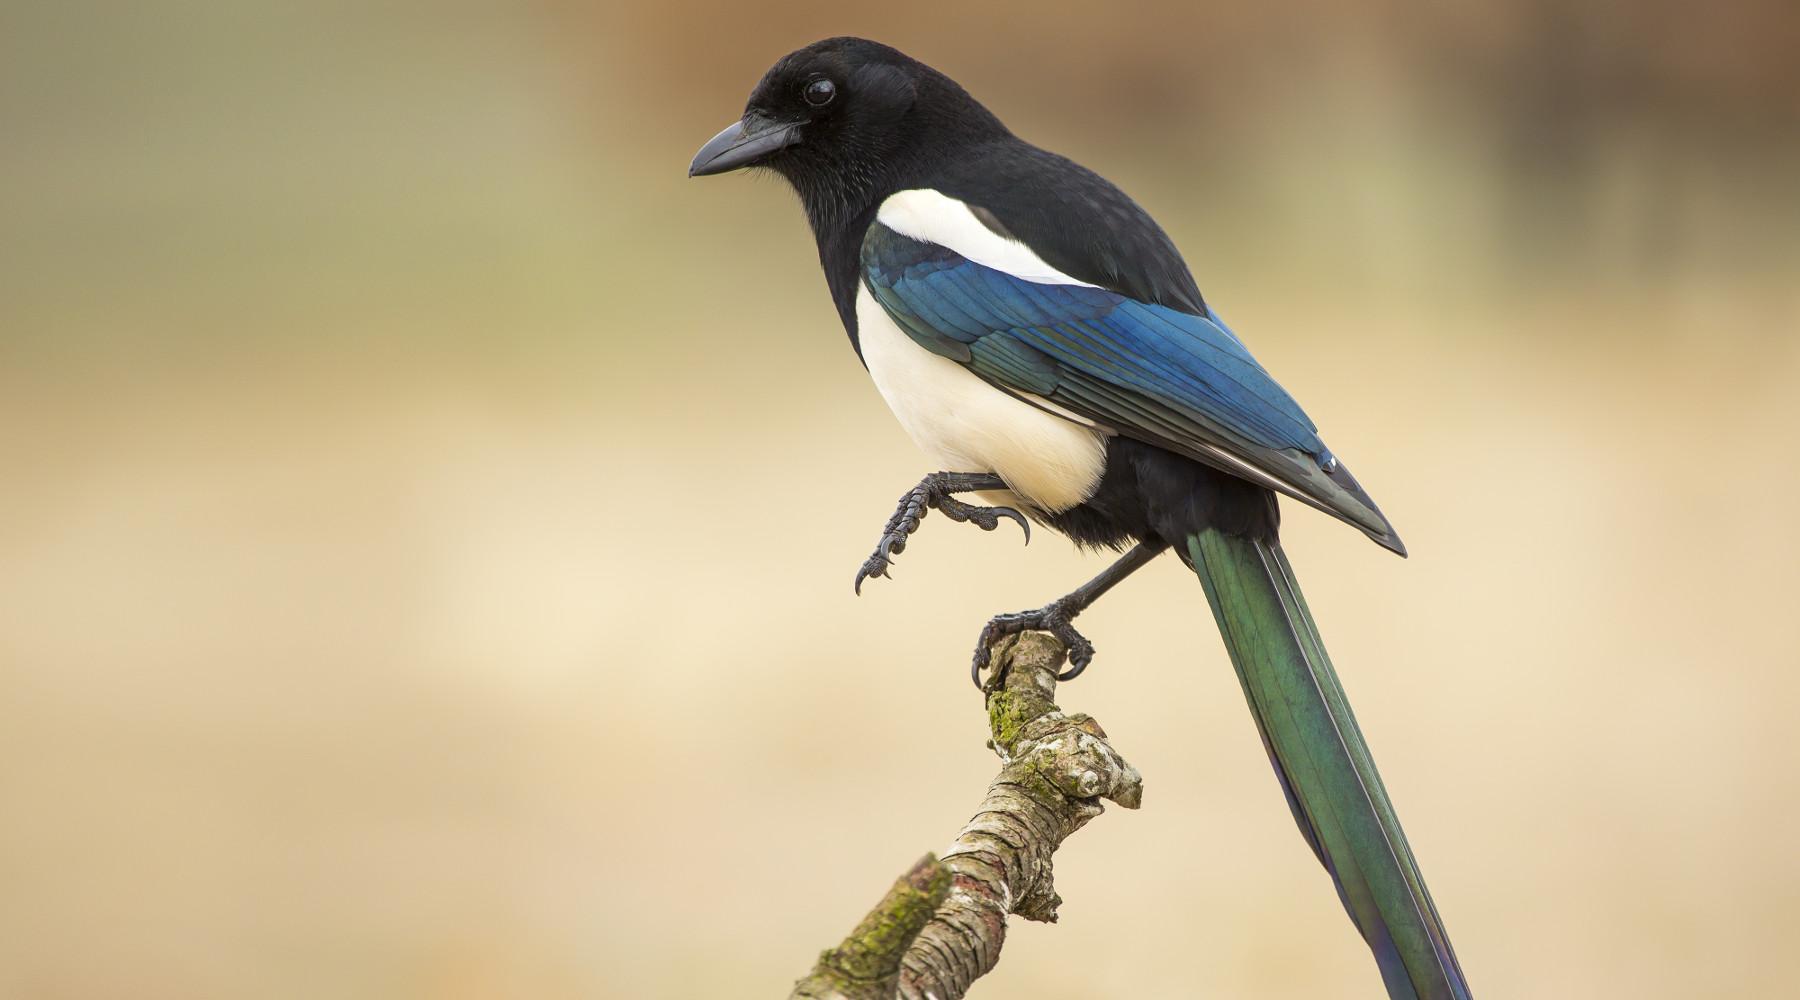 caccia ai corvidi in Toscana: gazza su un ramo